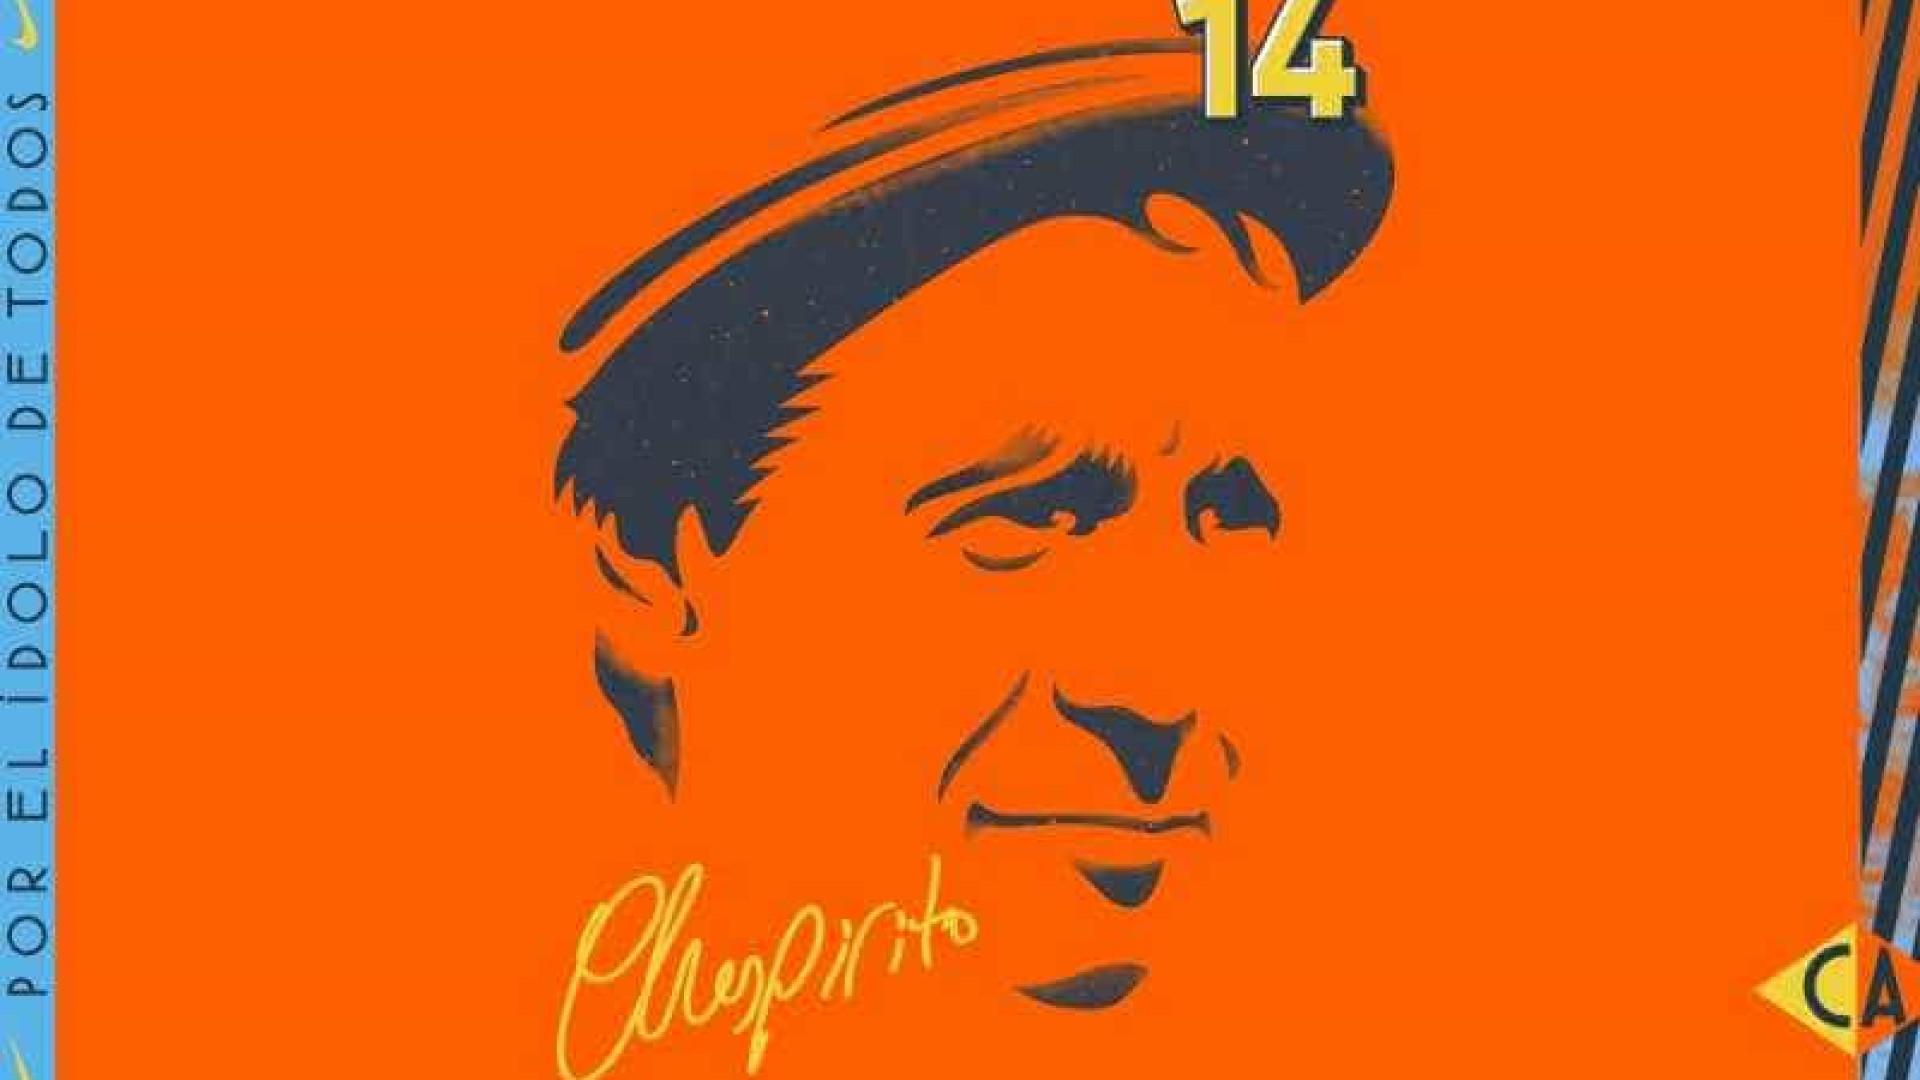 Criador do seriado Chaves é homenageado em novo uniforme do América